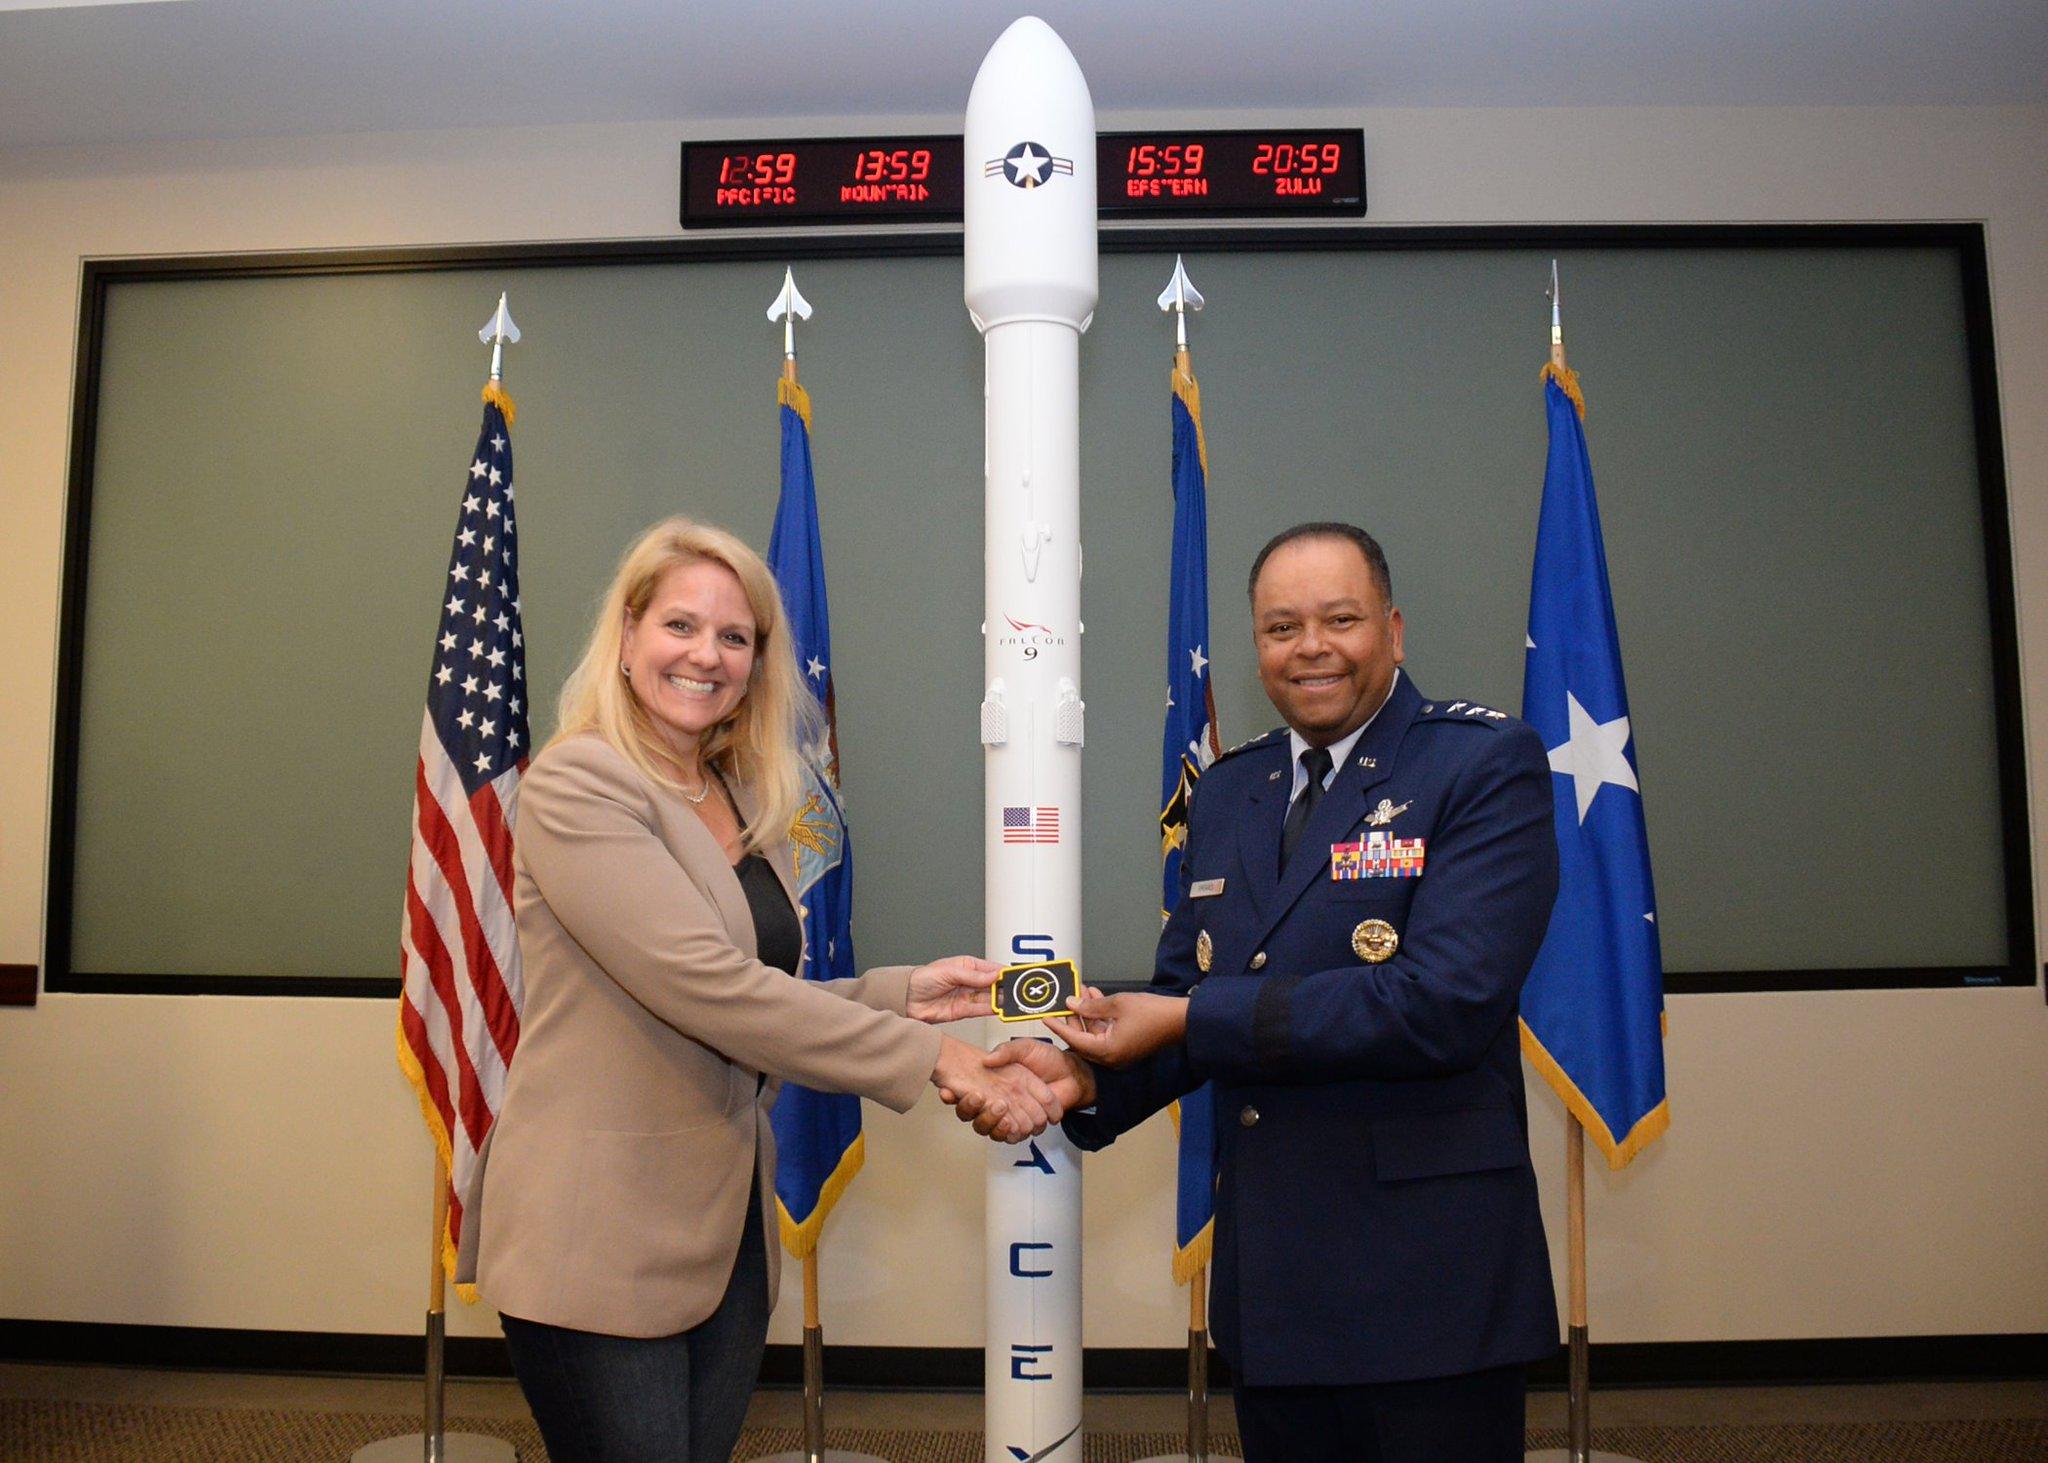 Gwynne Shotwell Falcon 9 model